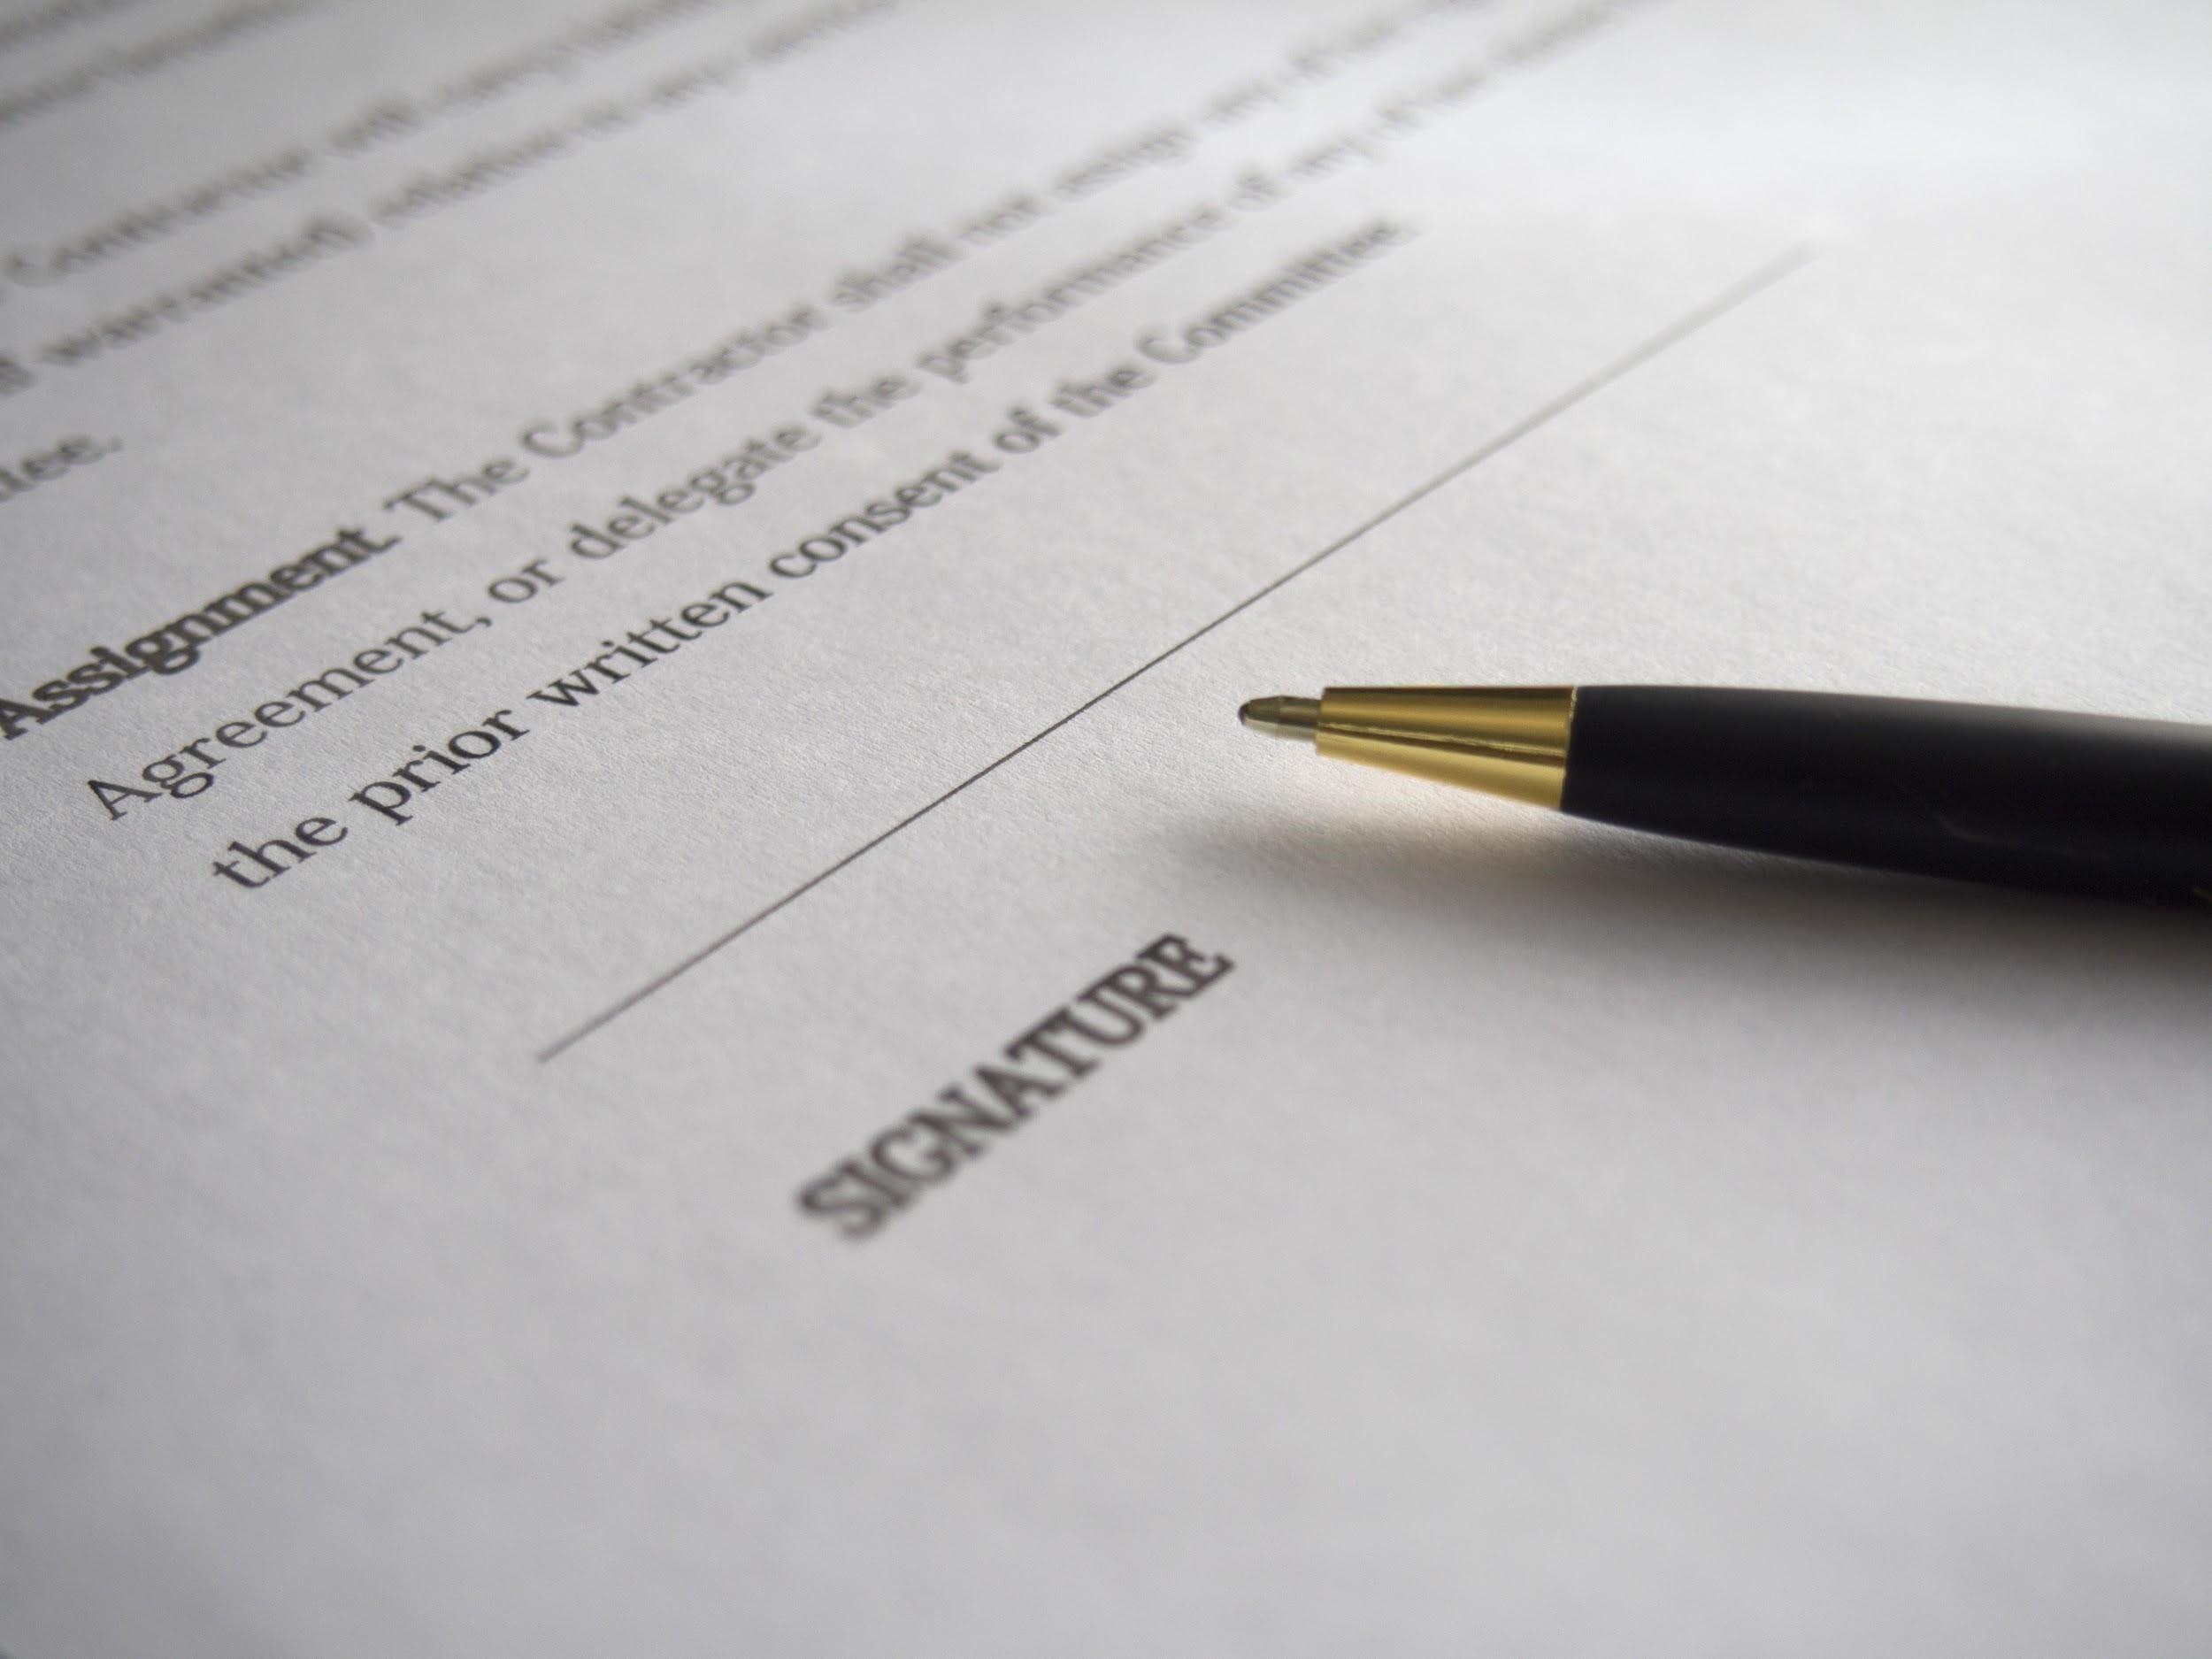 導入が進む電子契約書の基本情報と各種要件を紹介